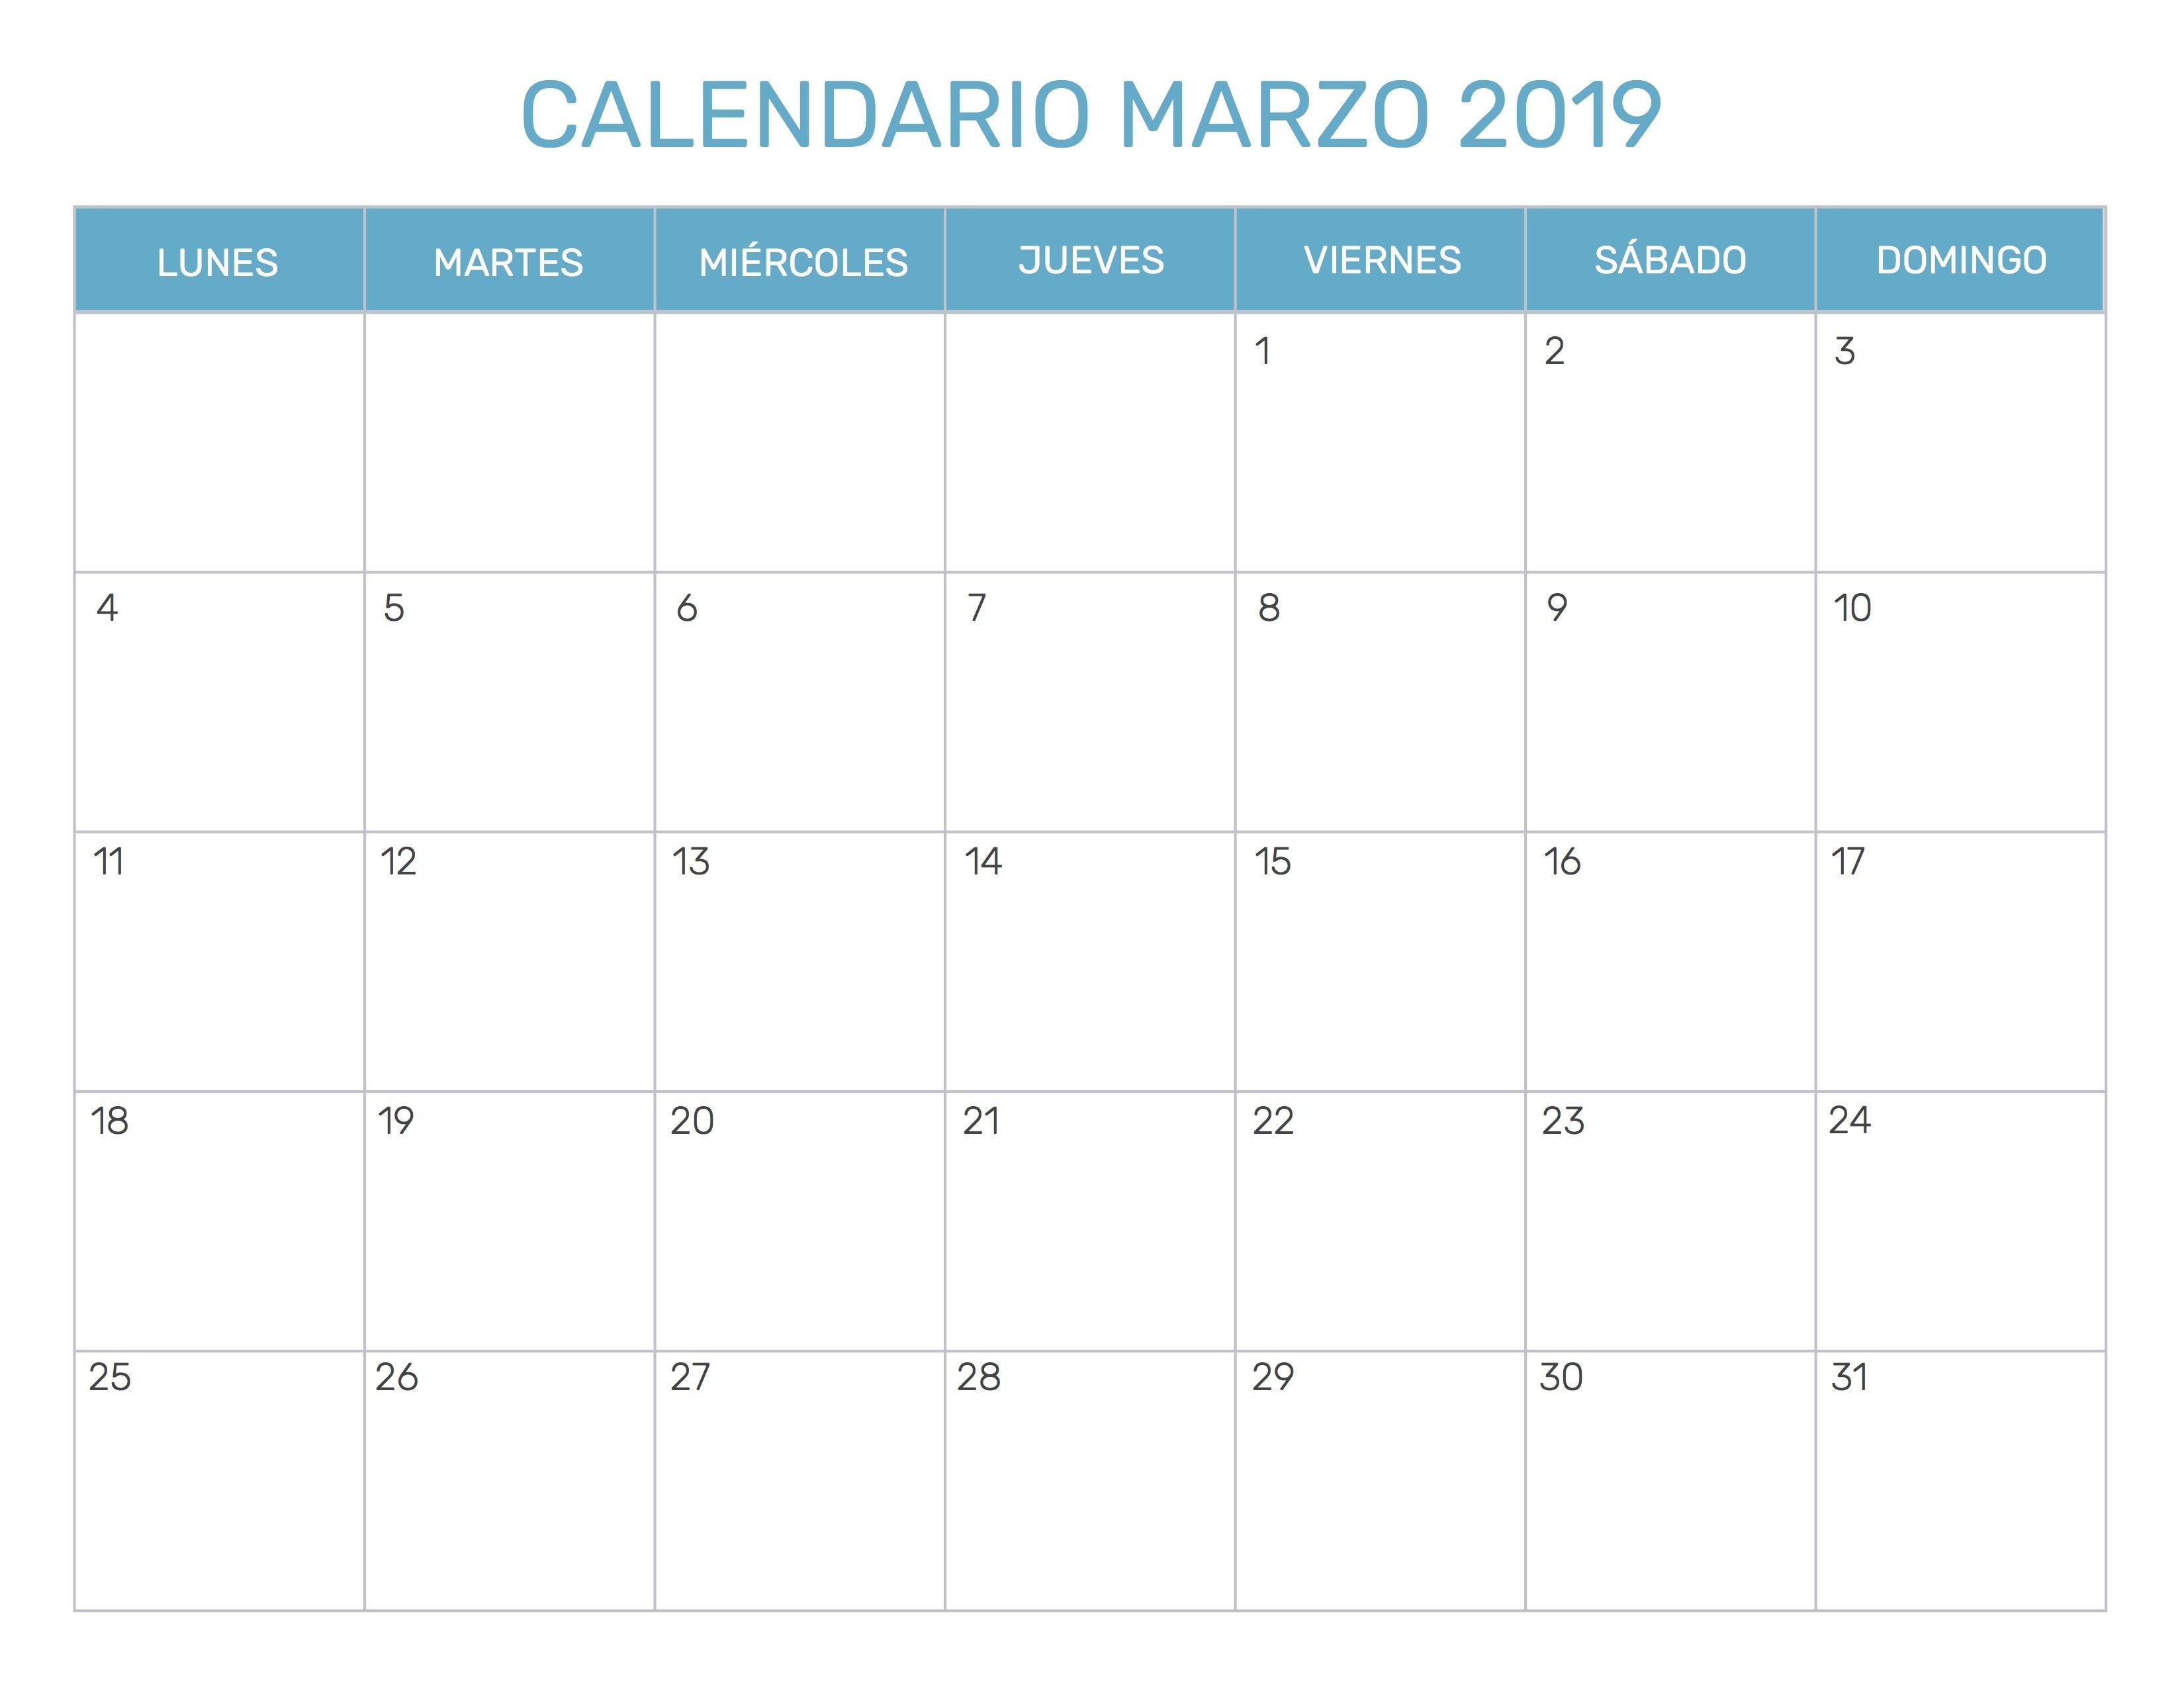 Calendario 2020 Febrero Para Imprimir Más Arriba-a-fecha Descargar Cuadrante Mensual De Horas Trabajadas 2019 Of Calendario 2020 Febrero Para Imprimir Más Caliente Noticias Calendario 2017 Para Imprimir Michelzbinden